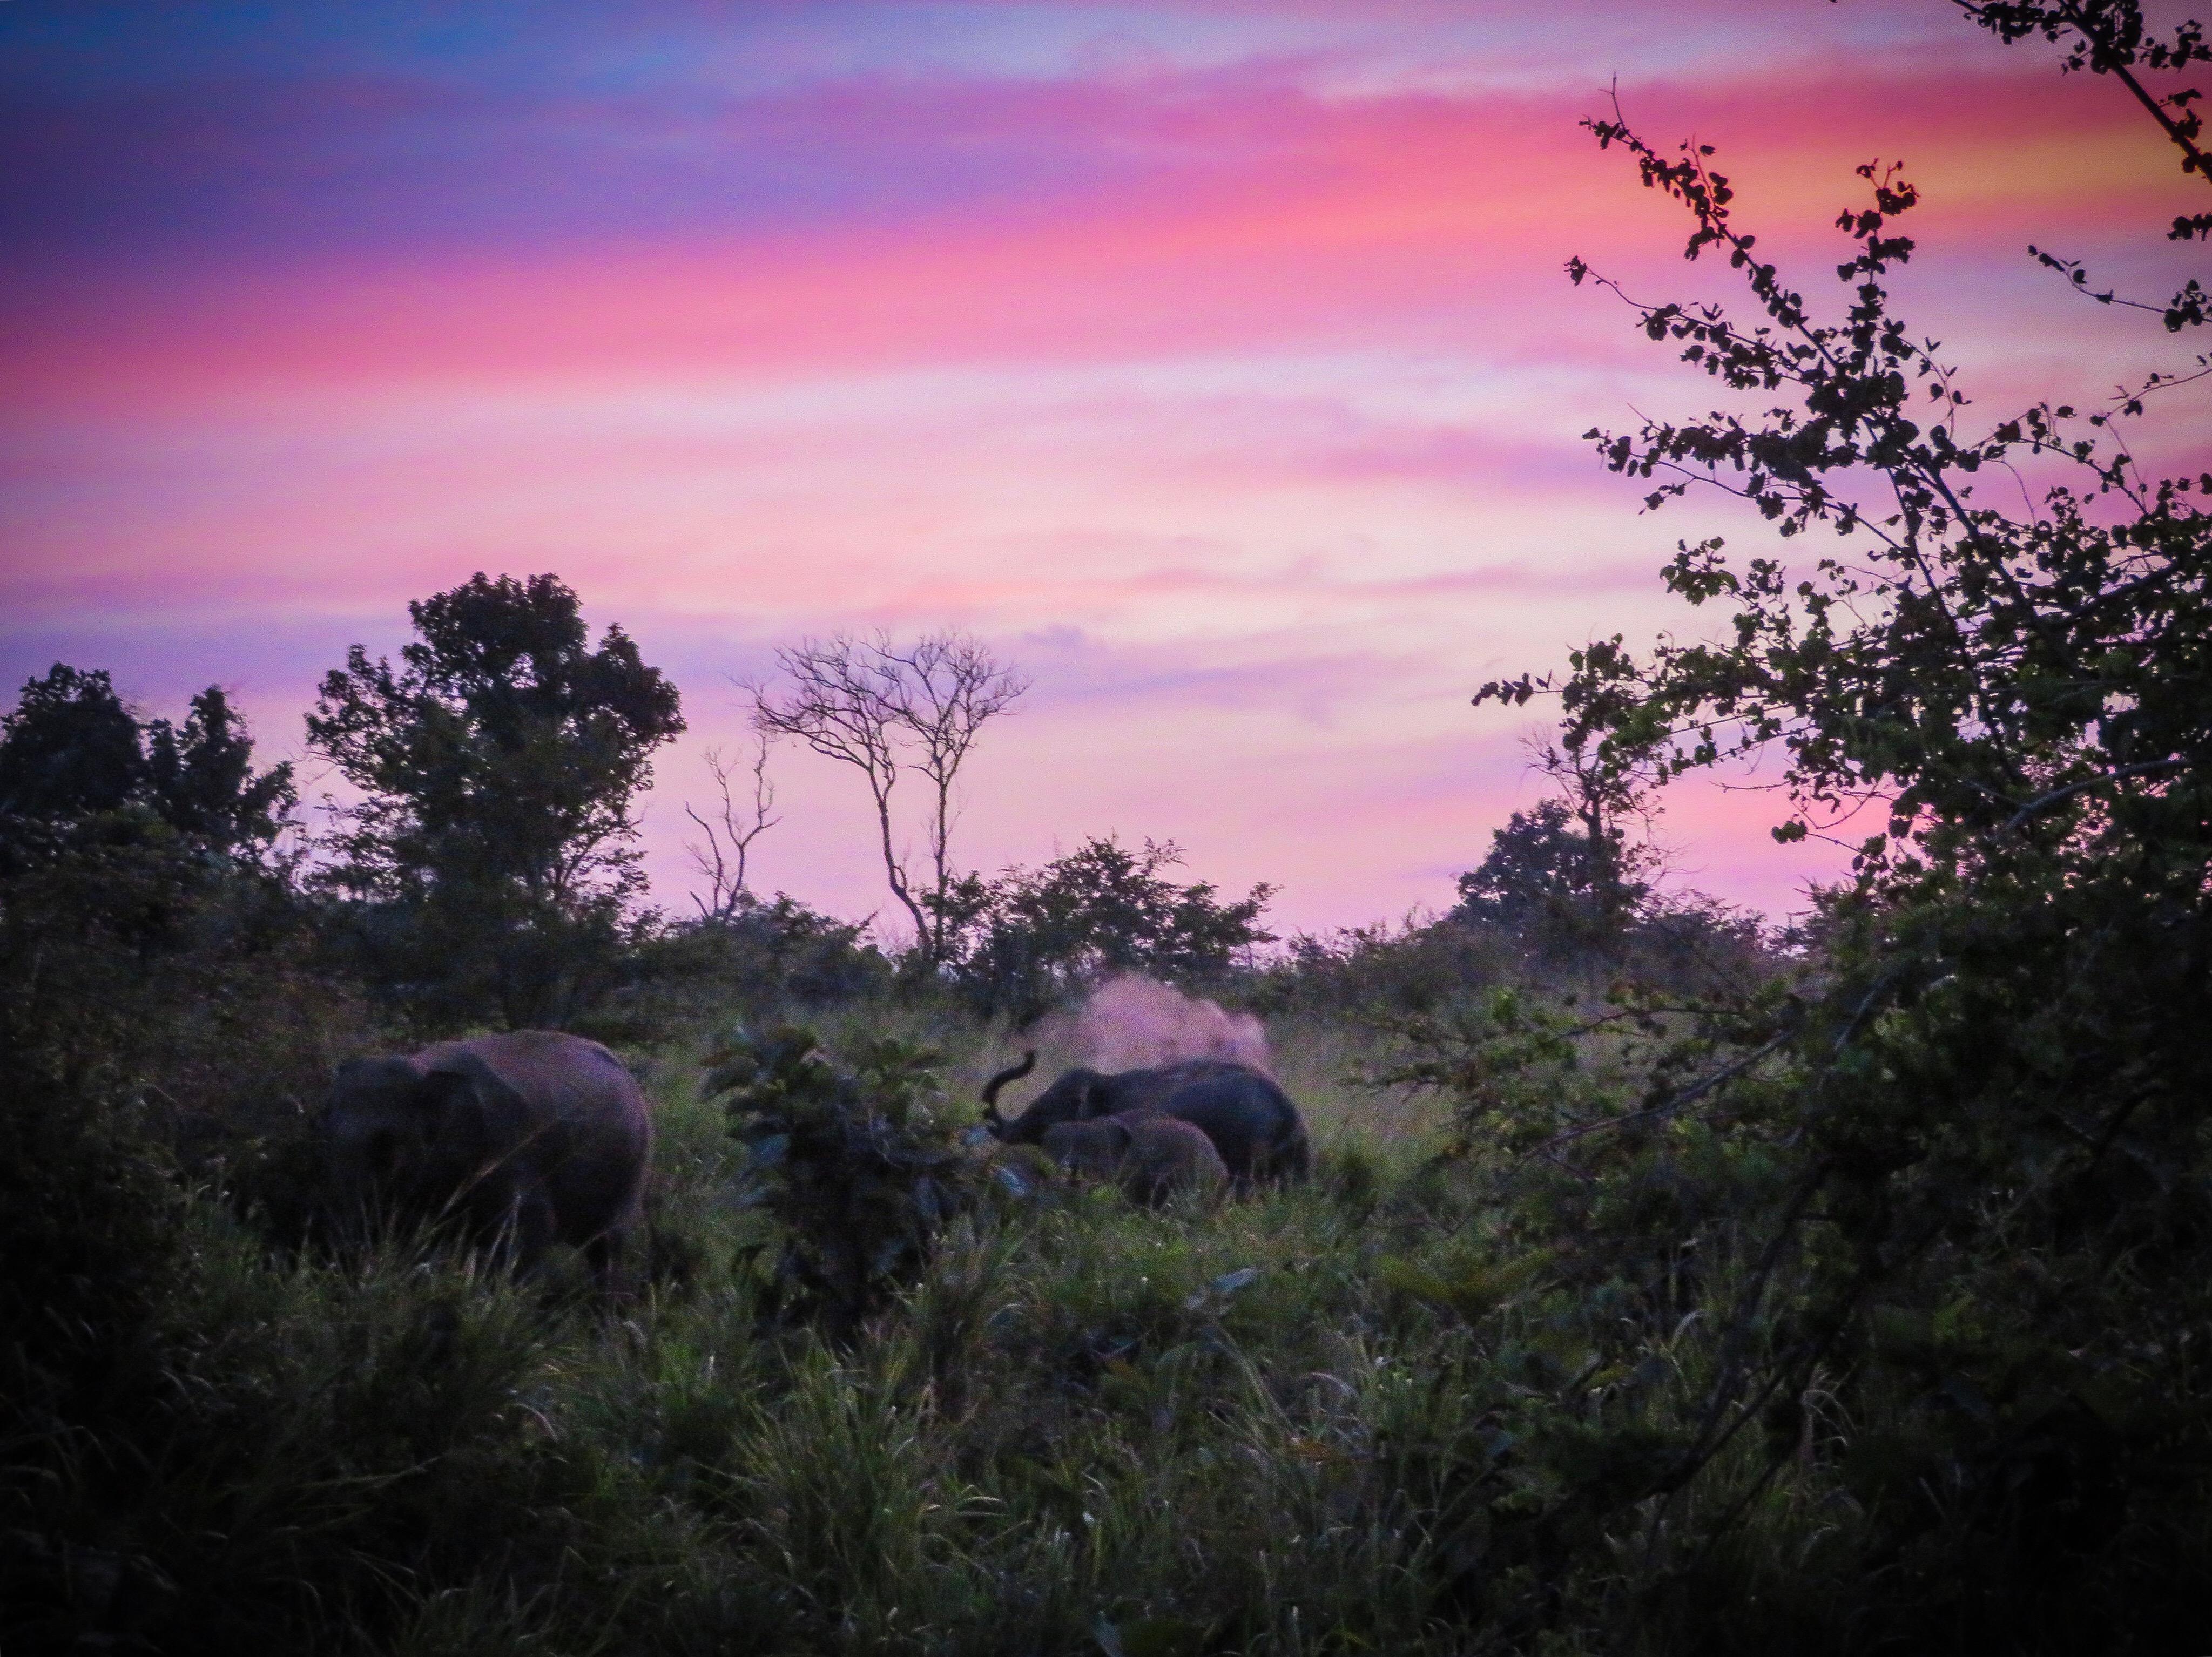 Eco park elephants